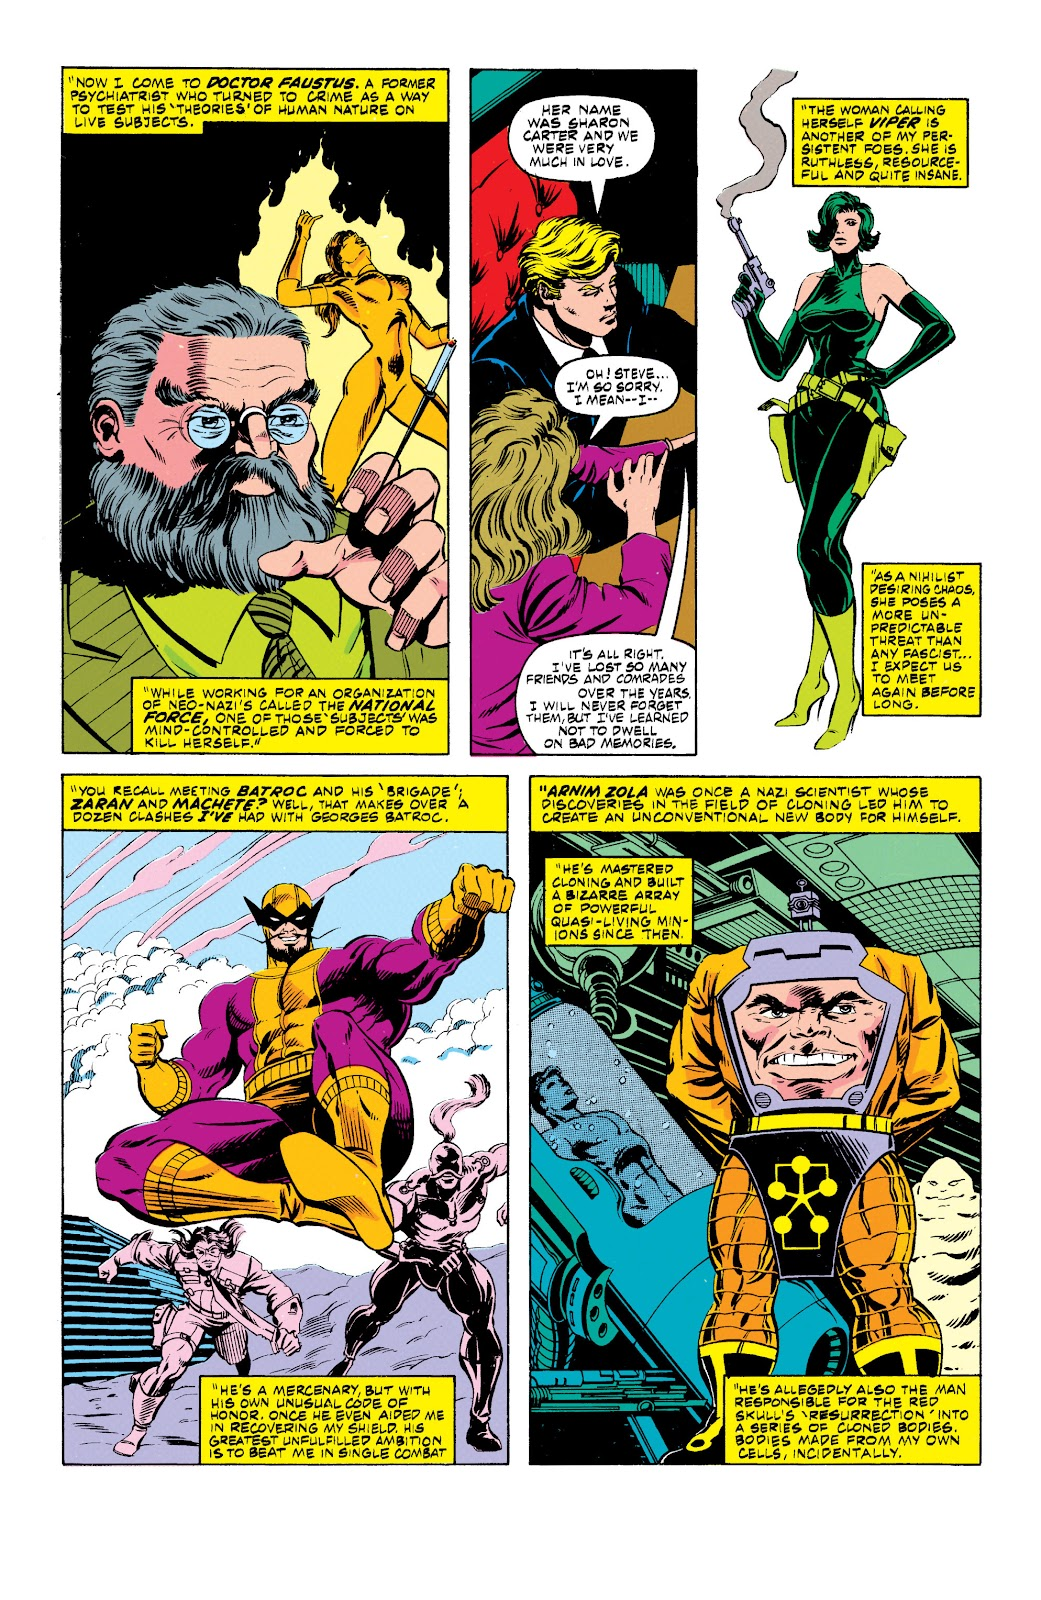 Read online Avengers: Citizen Kang comic -  Issue # TPB (Part 1) - 30